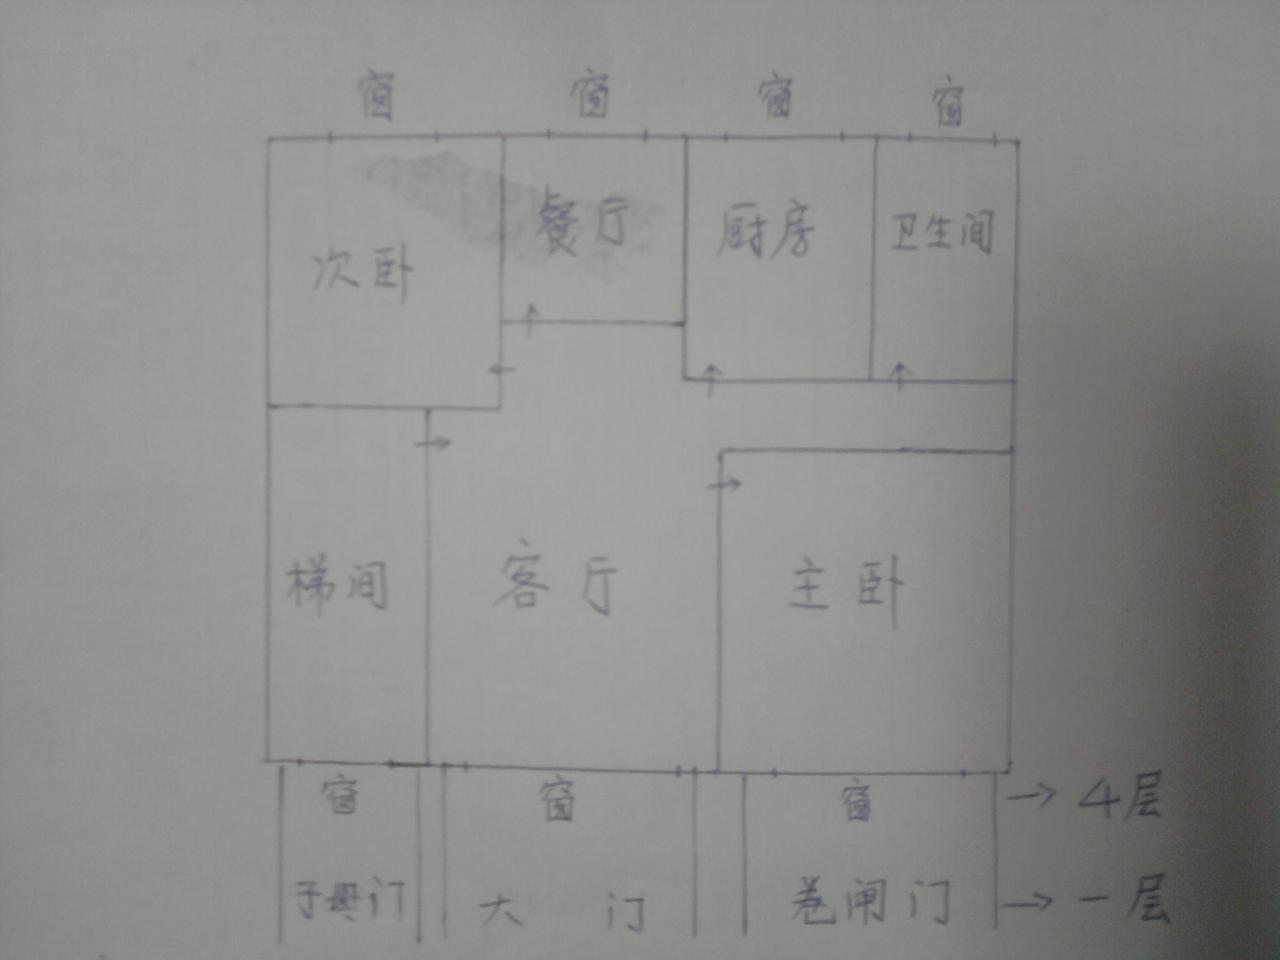 福建漳州   农村   四层自建楼房平面   设计   图和外观